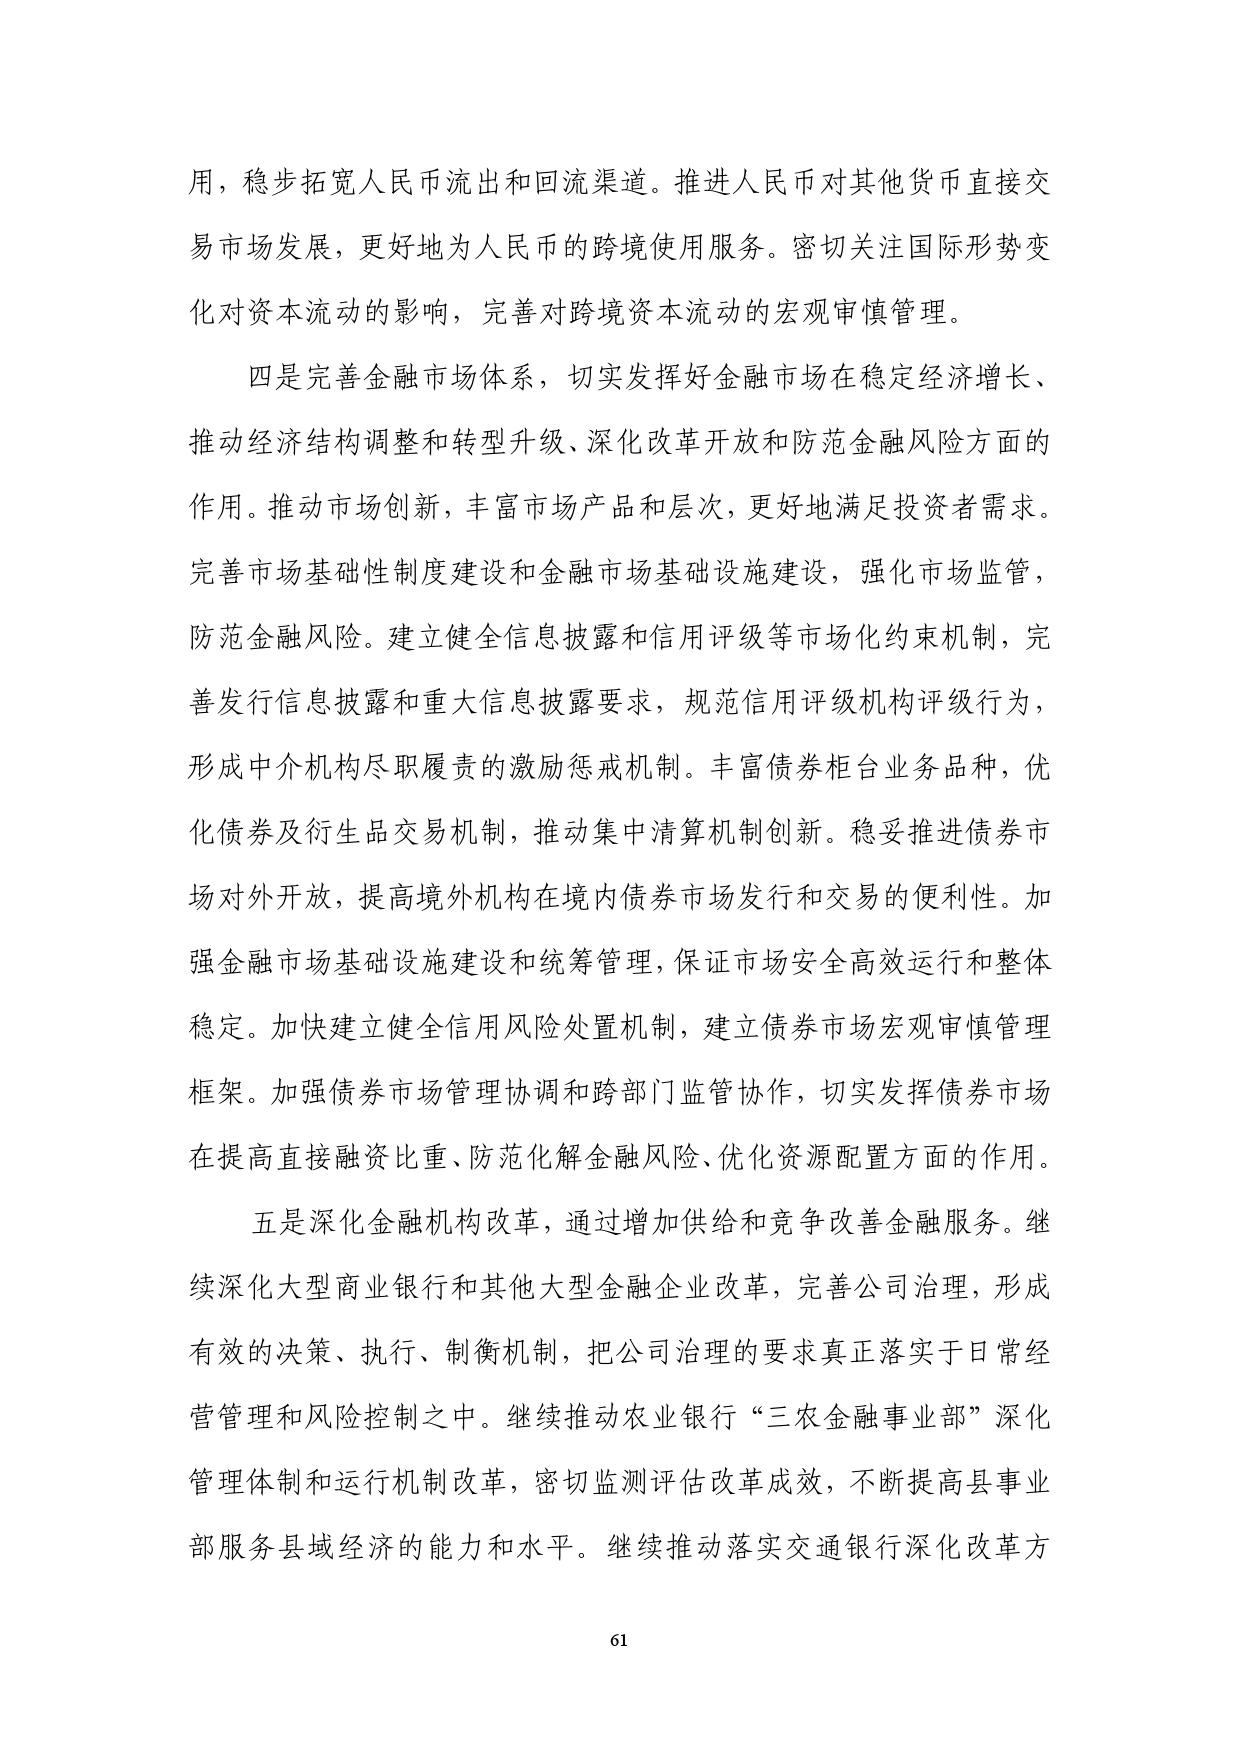 2016年Q2中国货币政策执行报告_000067